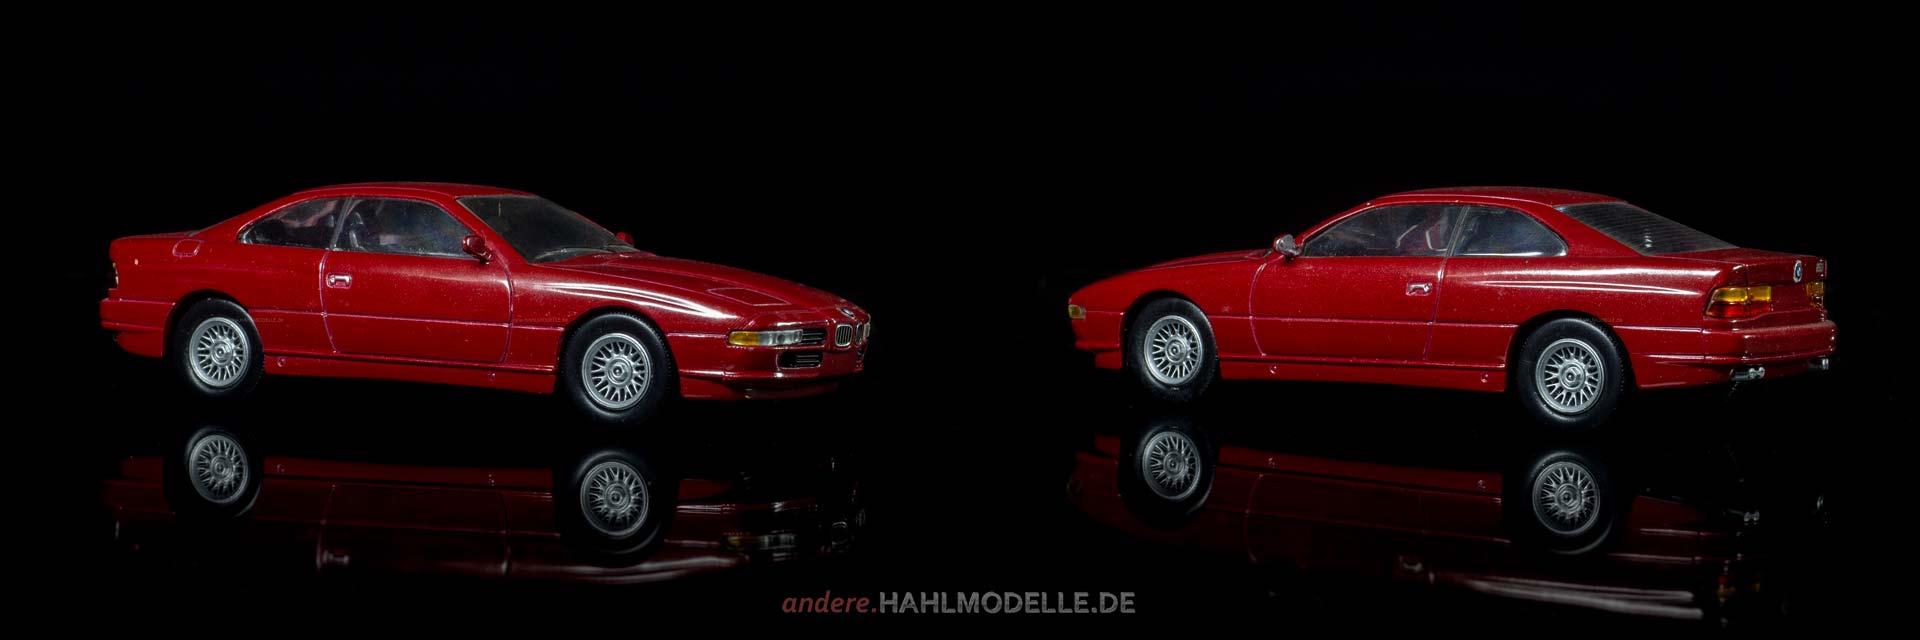 BMW 850i (E31) | Coupé | Ixo | www.andere.hahlmodelle.de